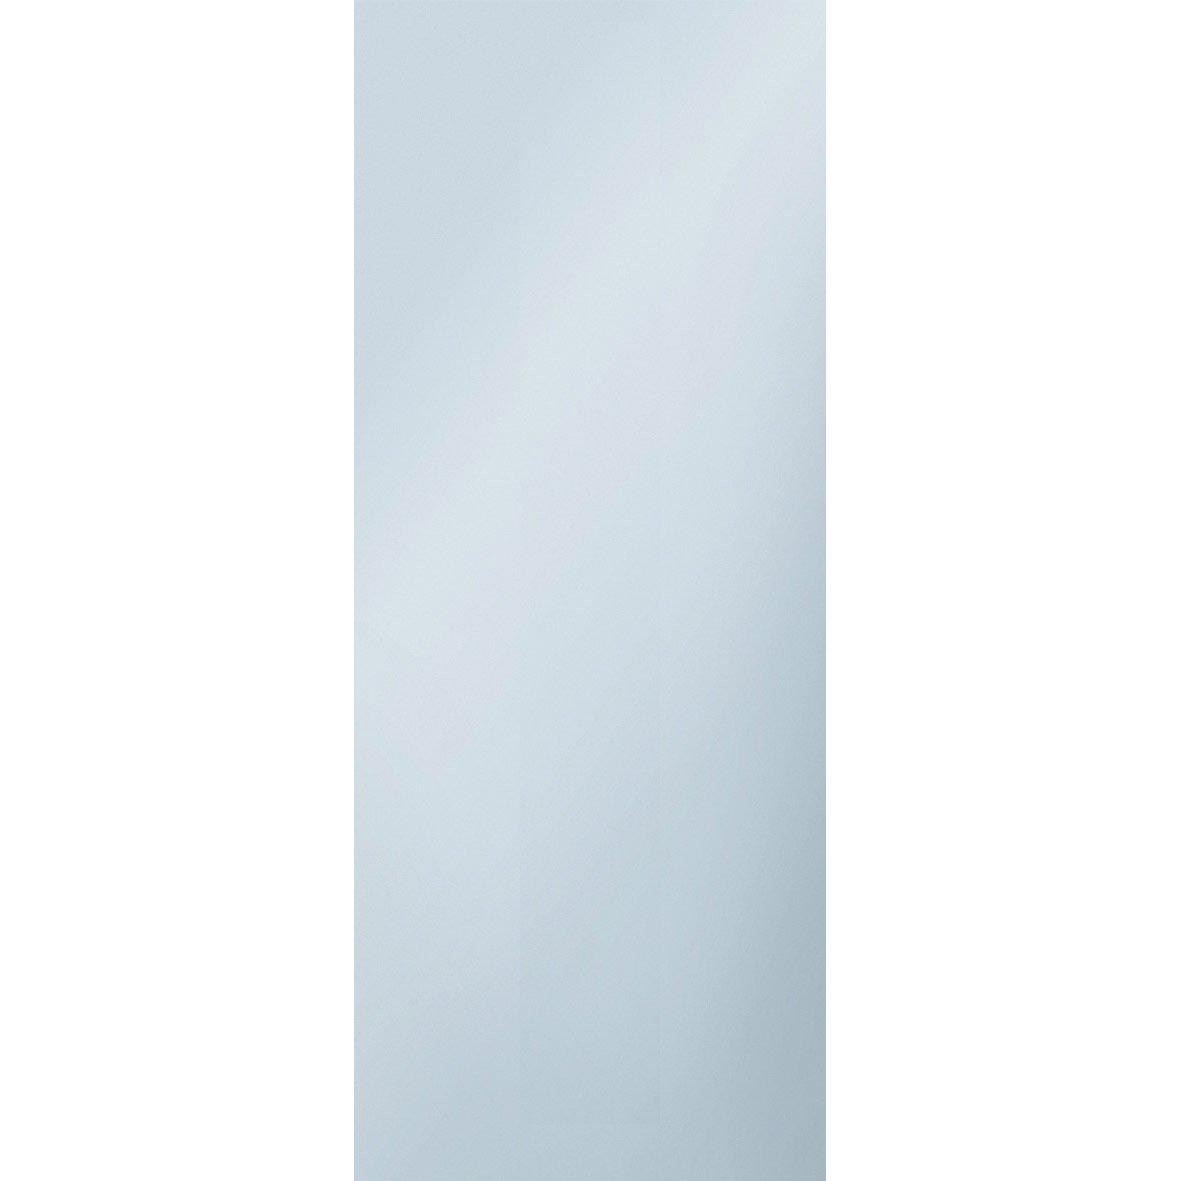 Cloture jardin translucide id es de - Leroy merlin porte coulissante verre ...